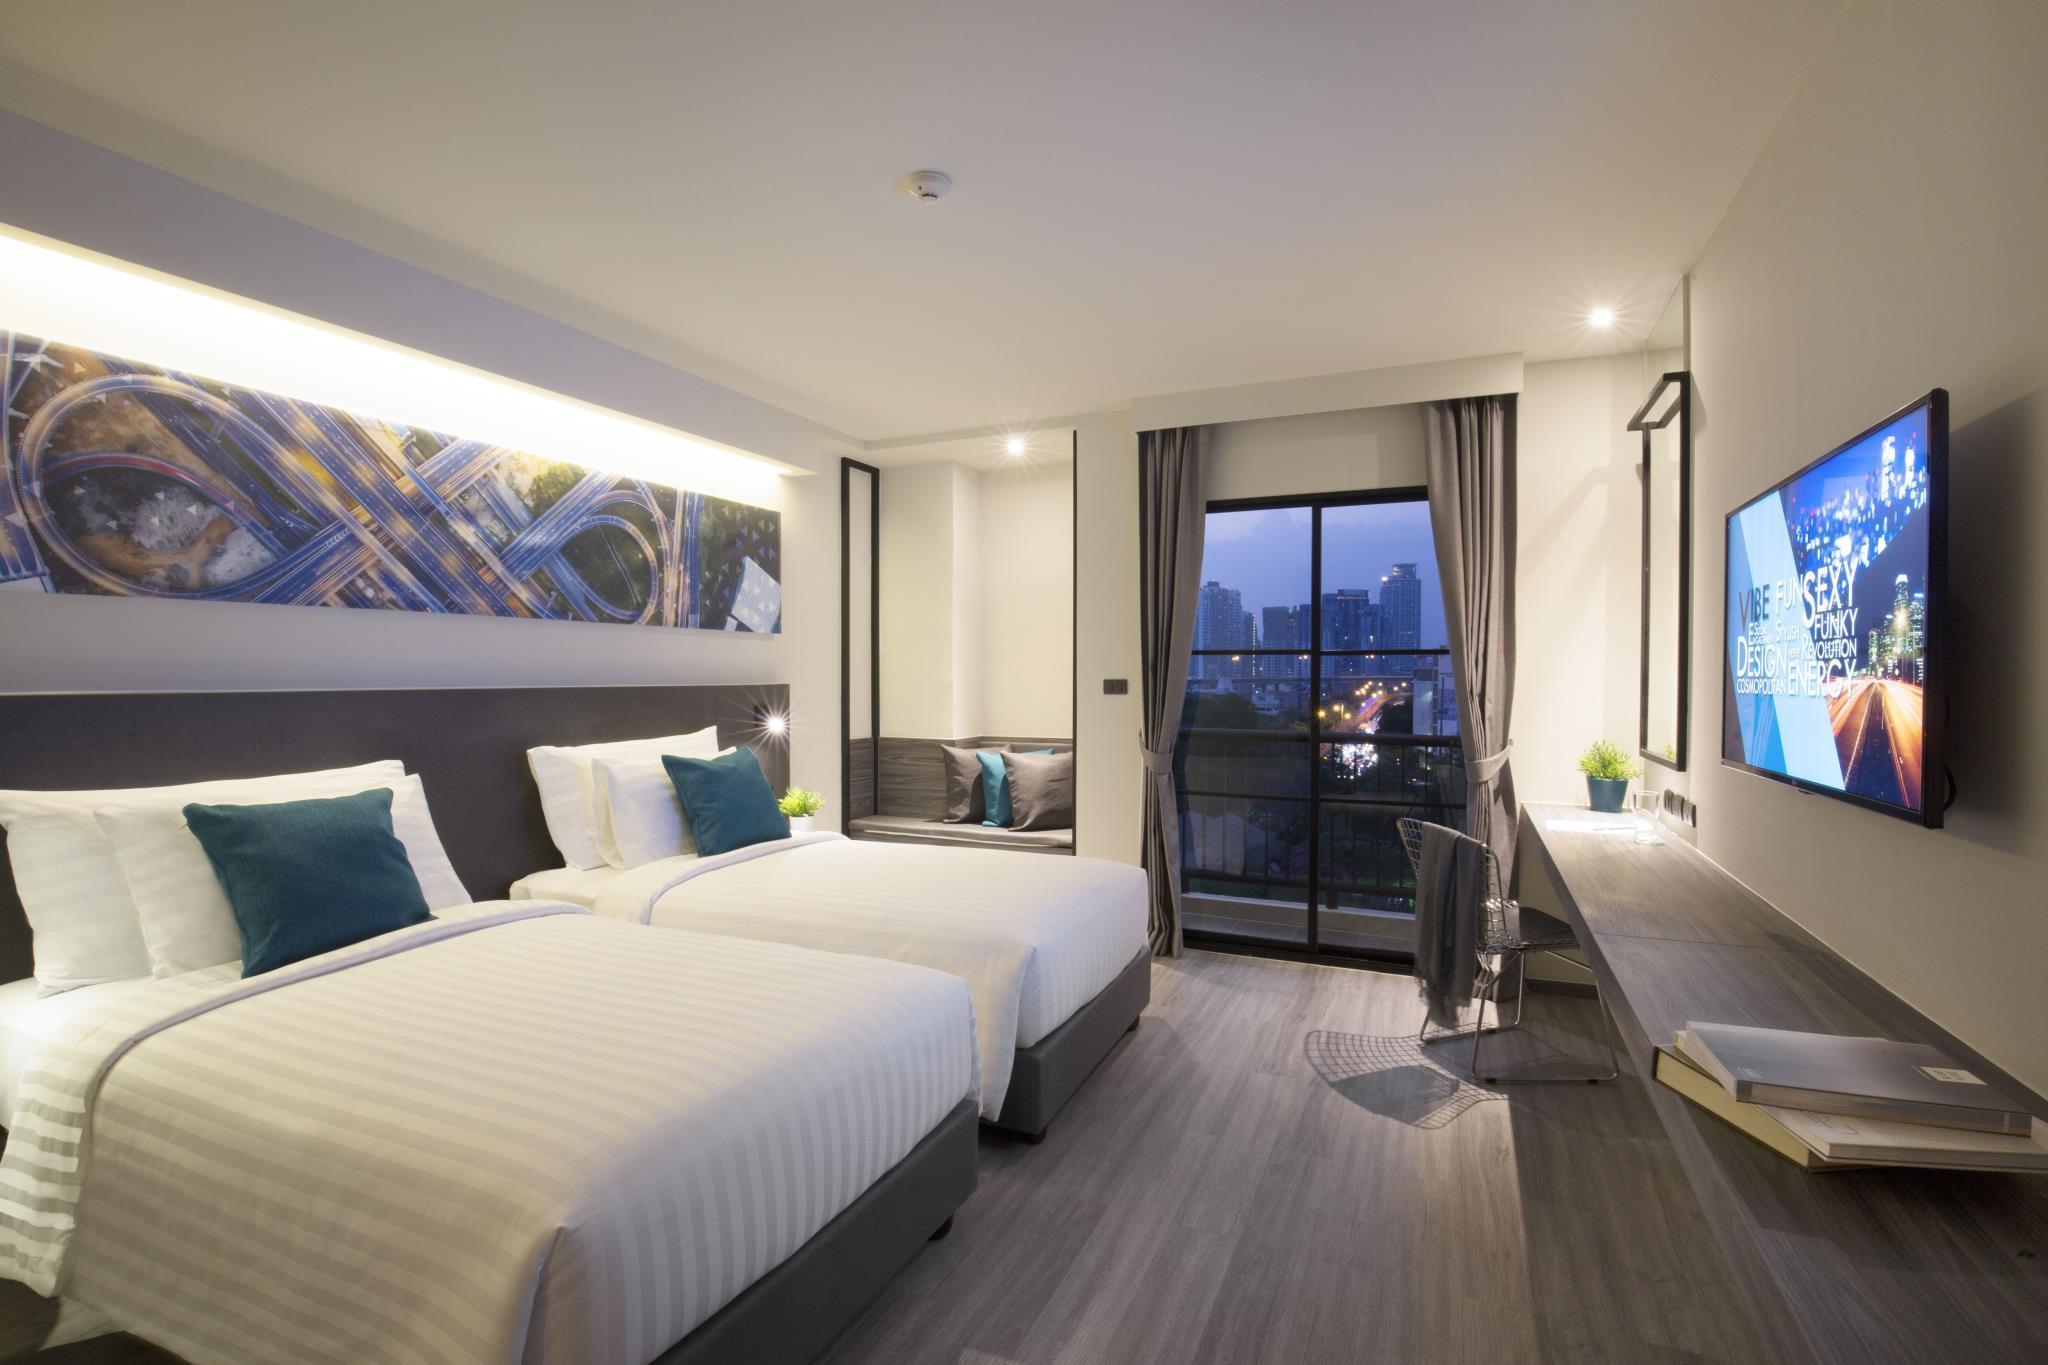 曼谷曼谷素坤逸路X2活力酒店 (X2 Vibe Bangkok Sukhumvit) - Agoda 提供行程前一刻